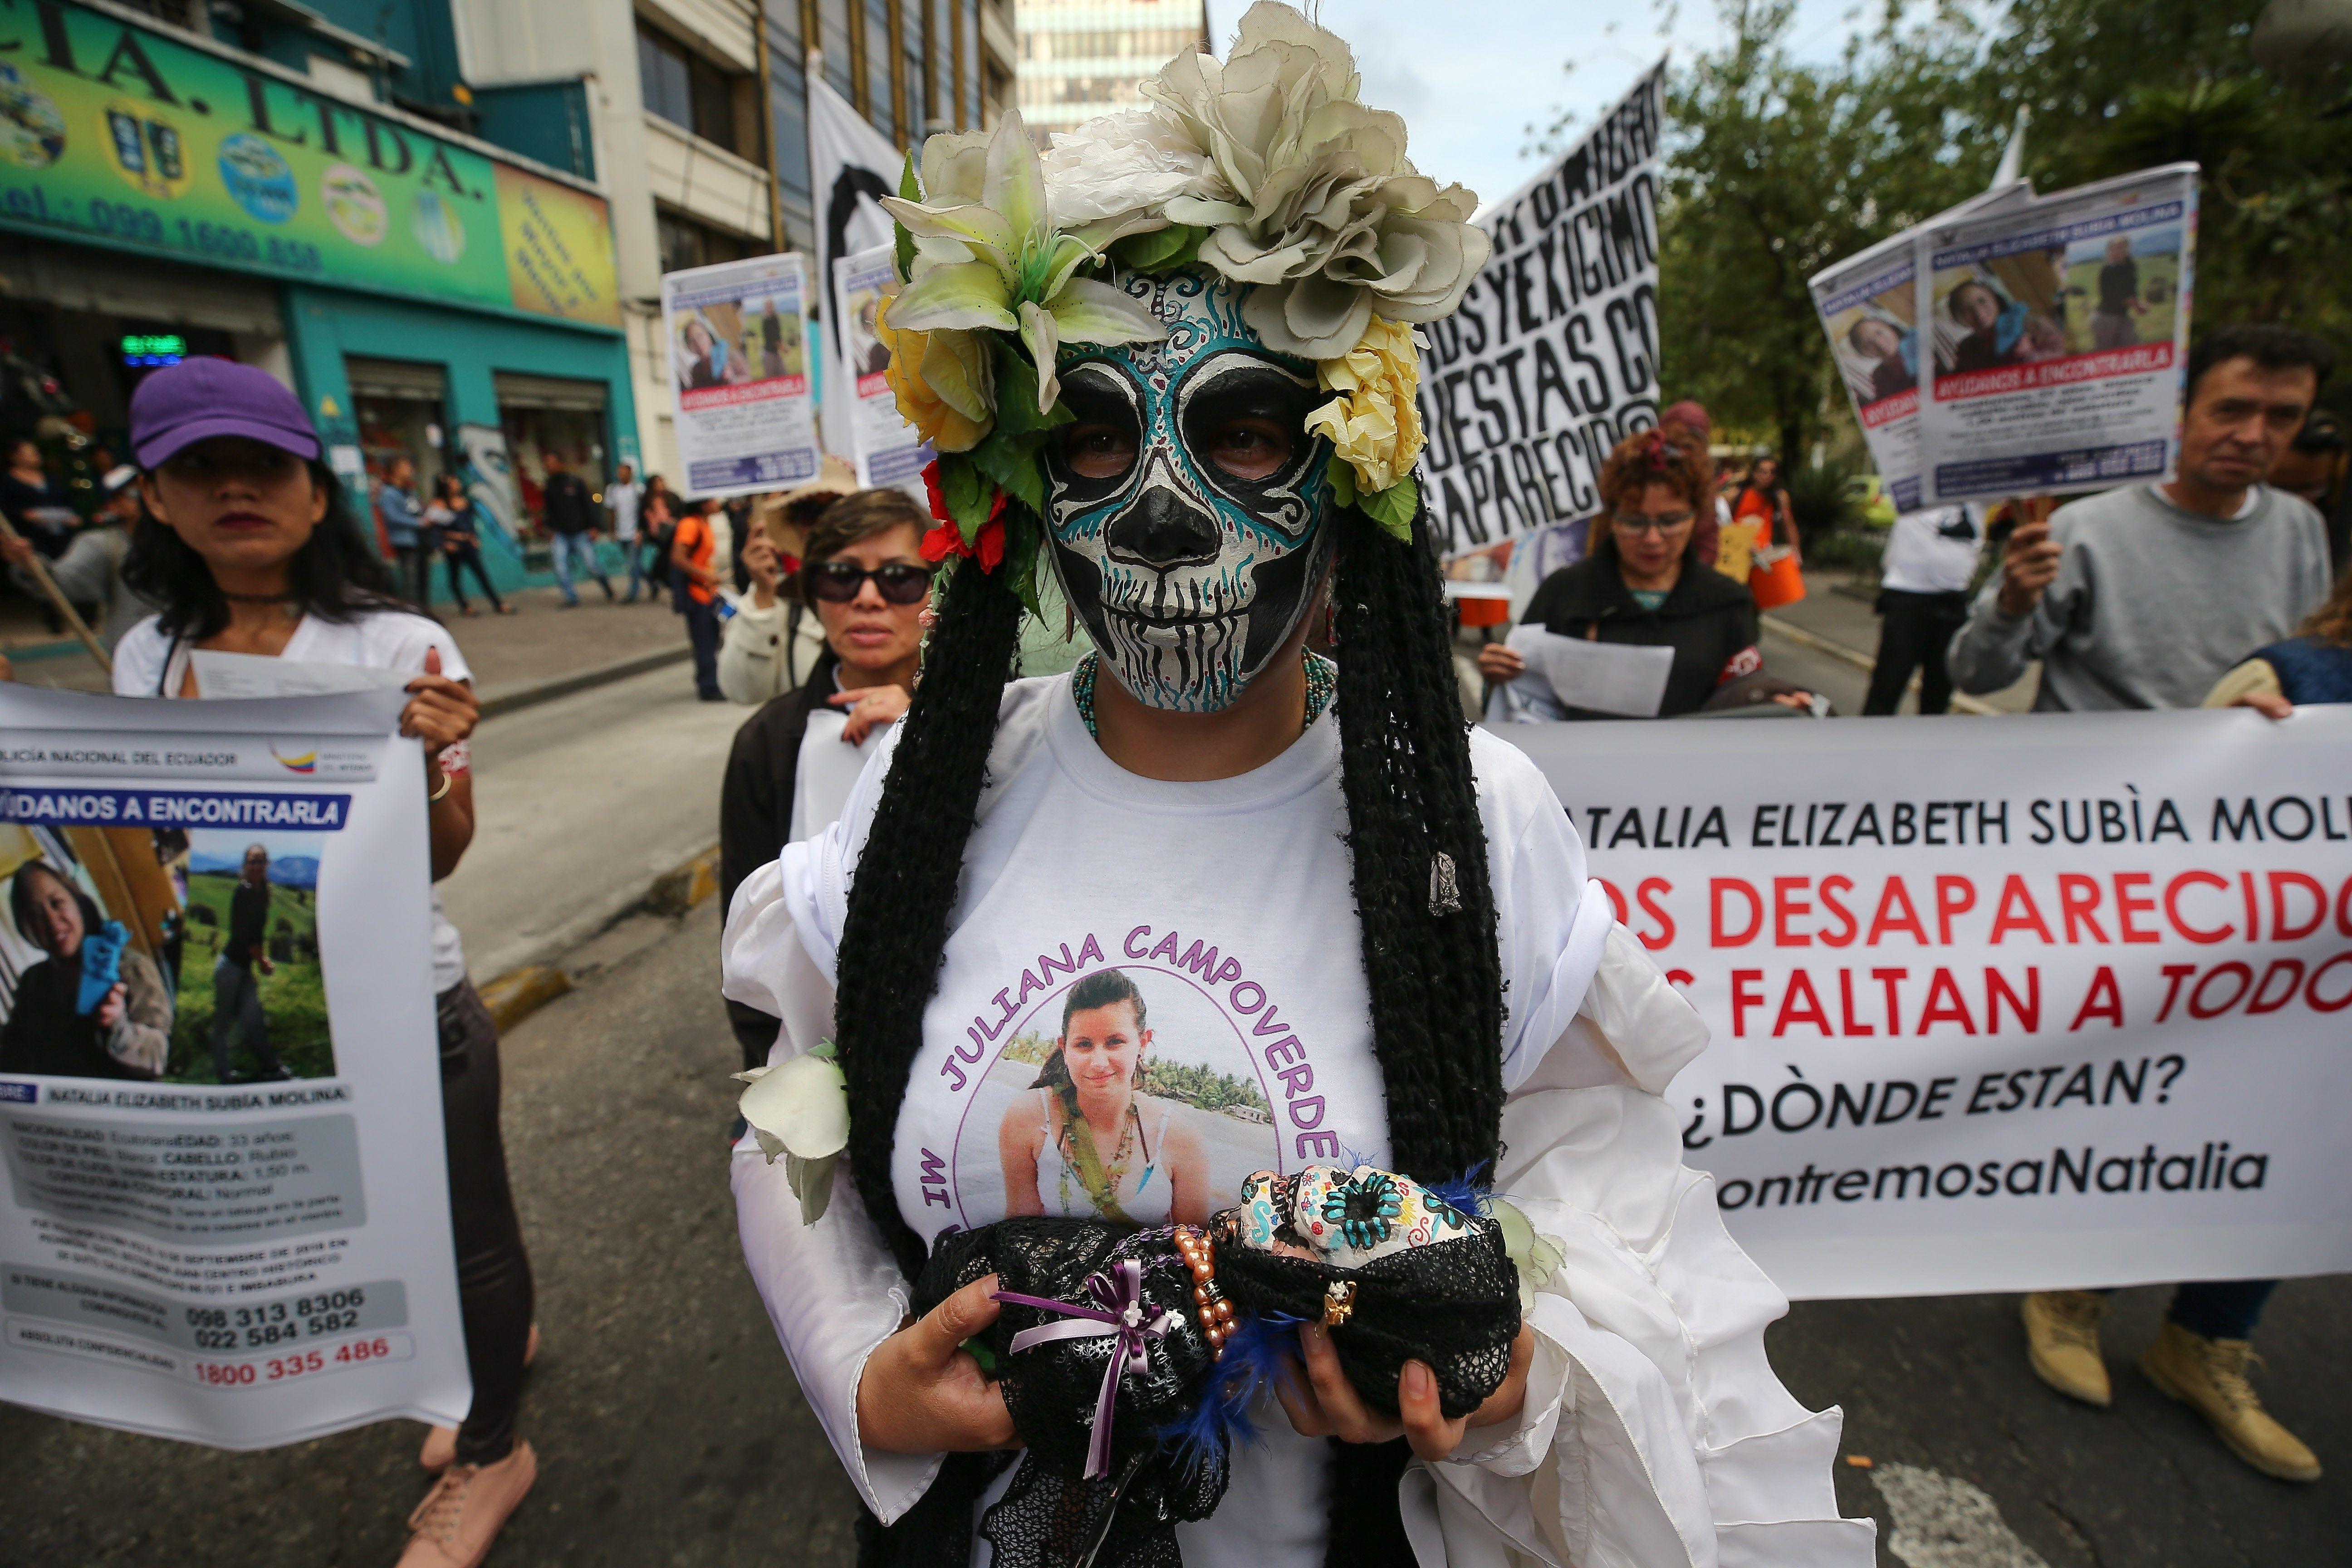 """Cientos de ecuatorianos marcharon el sábado en Quito con la consigna """"Vivas nos queremos"""", una movilización contra la violencia de género por el Día Internacional para la Eliminación de la Violencia contra la Mujer"""